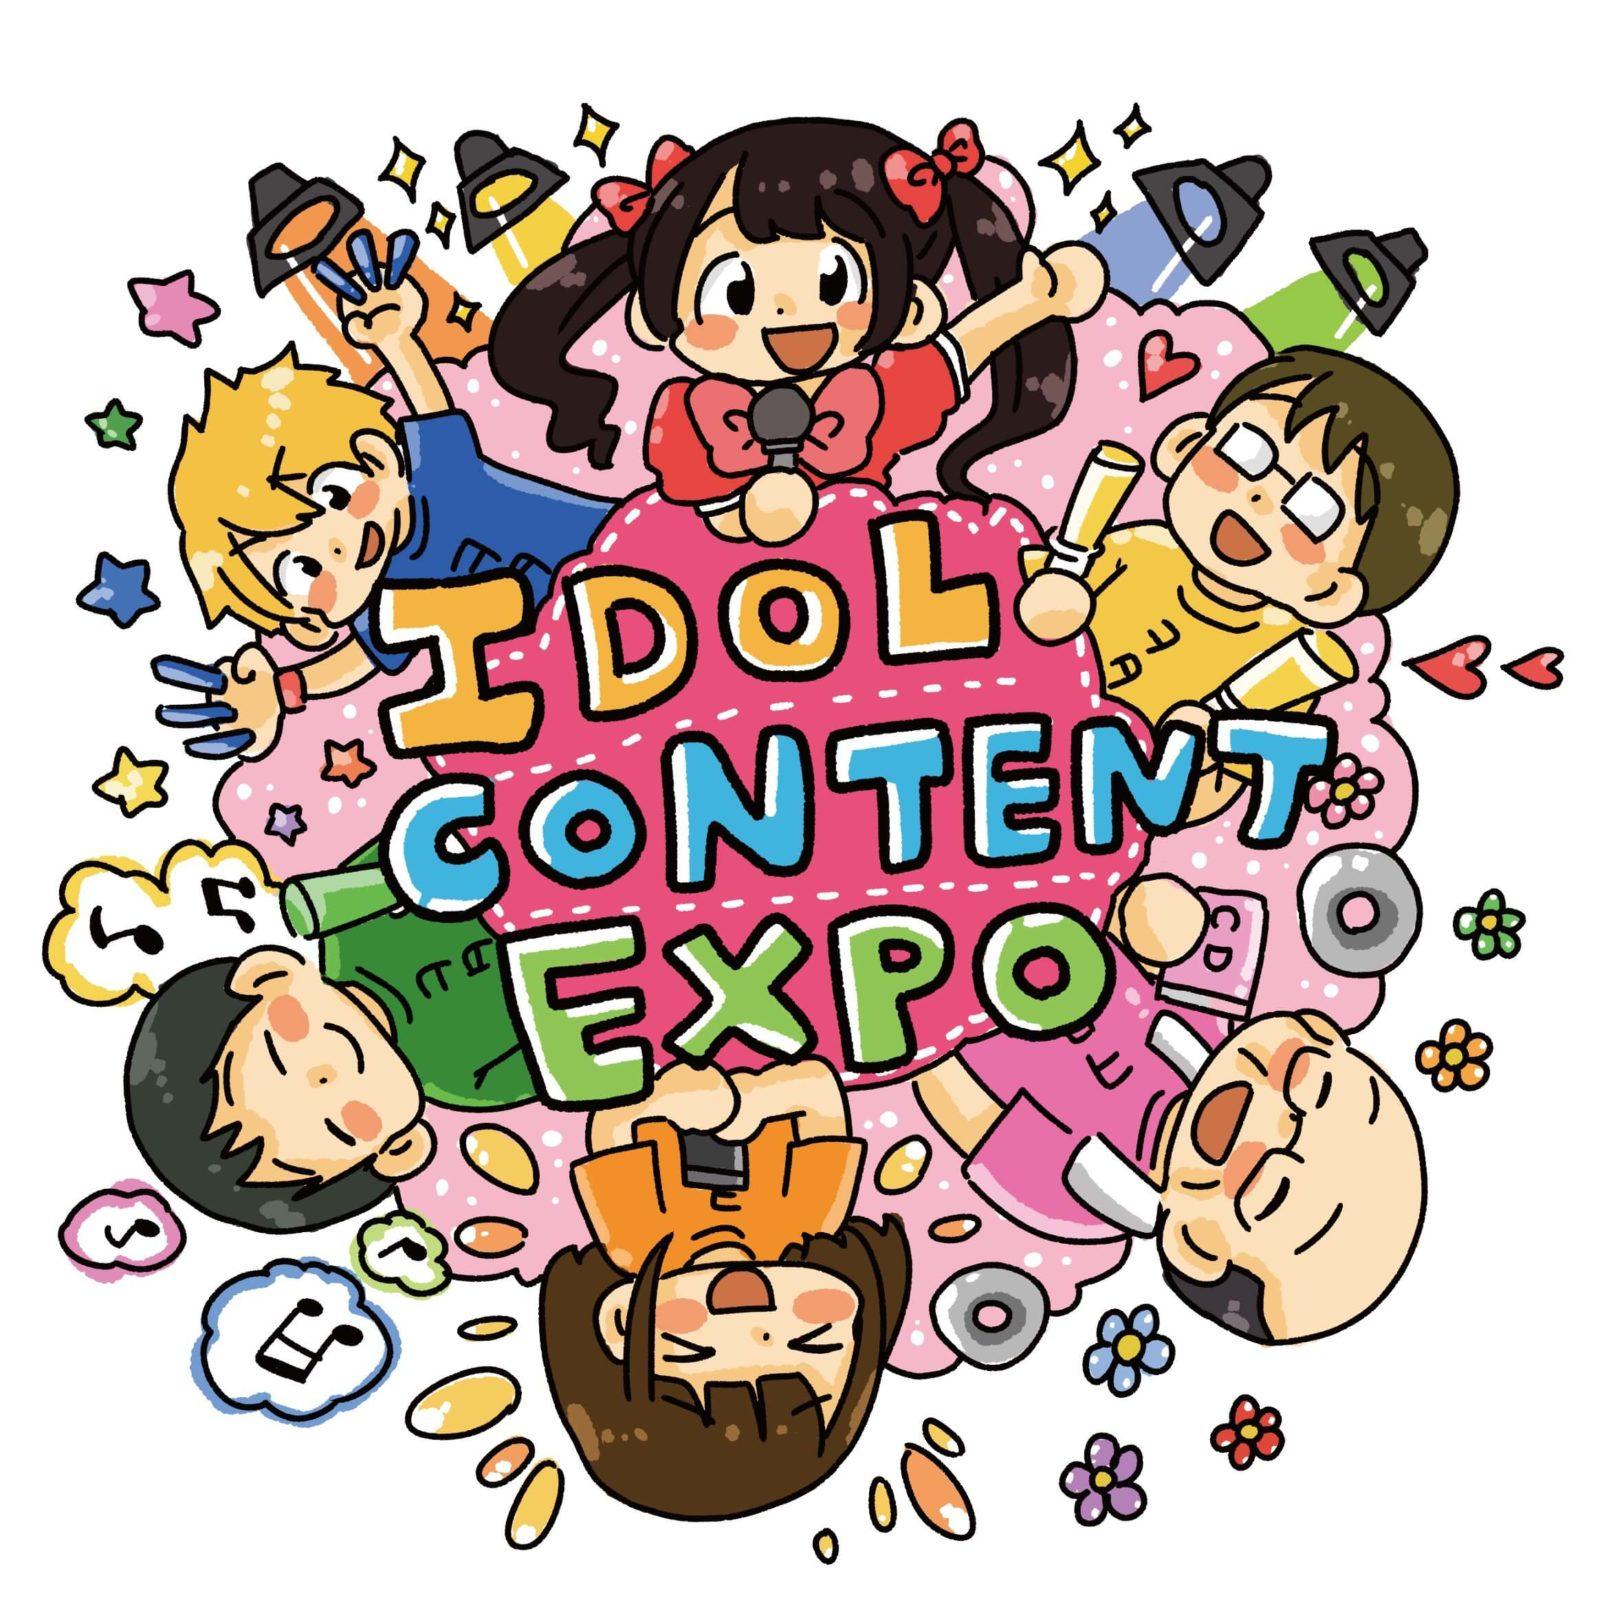 入場無料!63組のアイドルグループが出演する「IDOL CONTENT EXPO ~大無銭祭~」今年も開催決定サムネイル画像